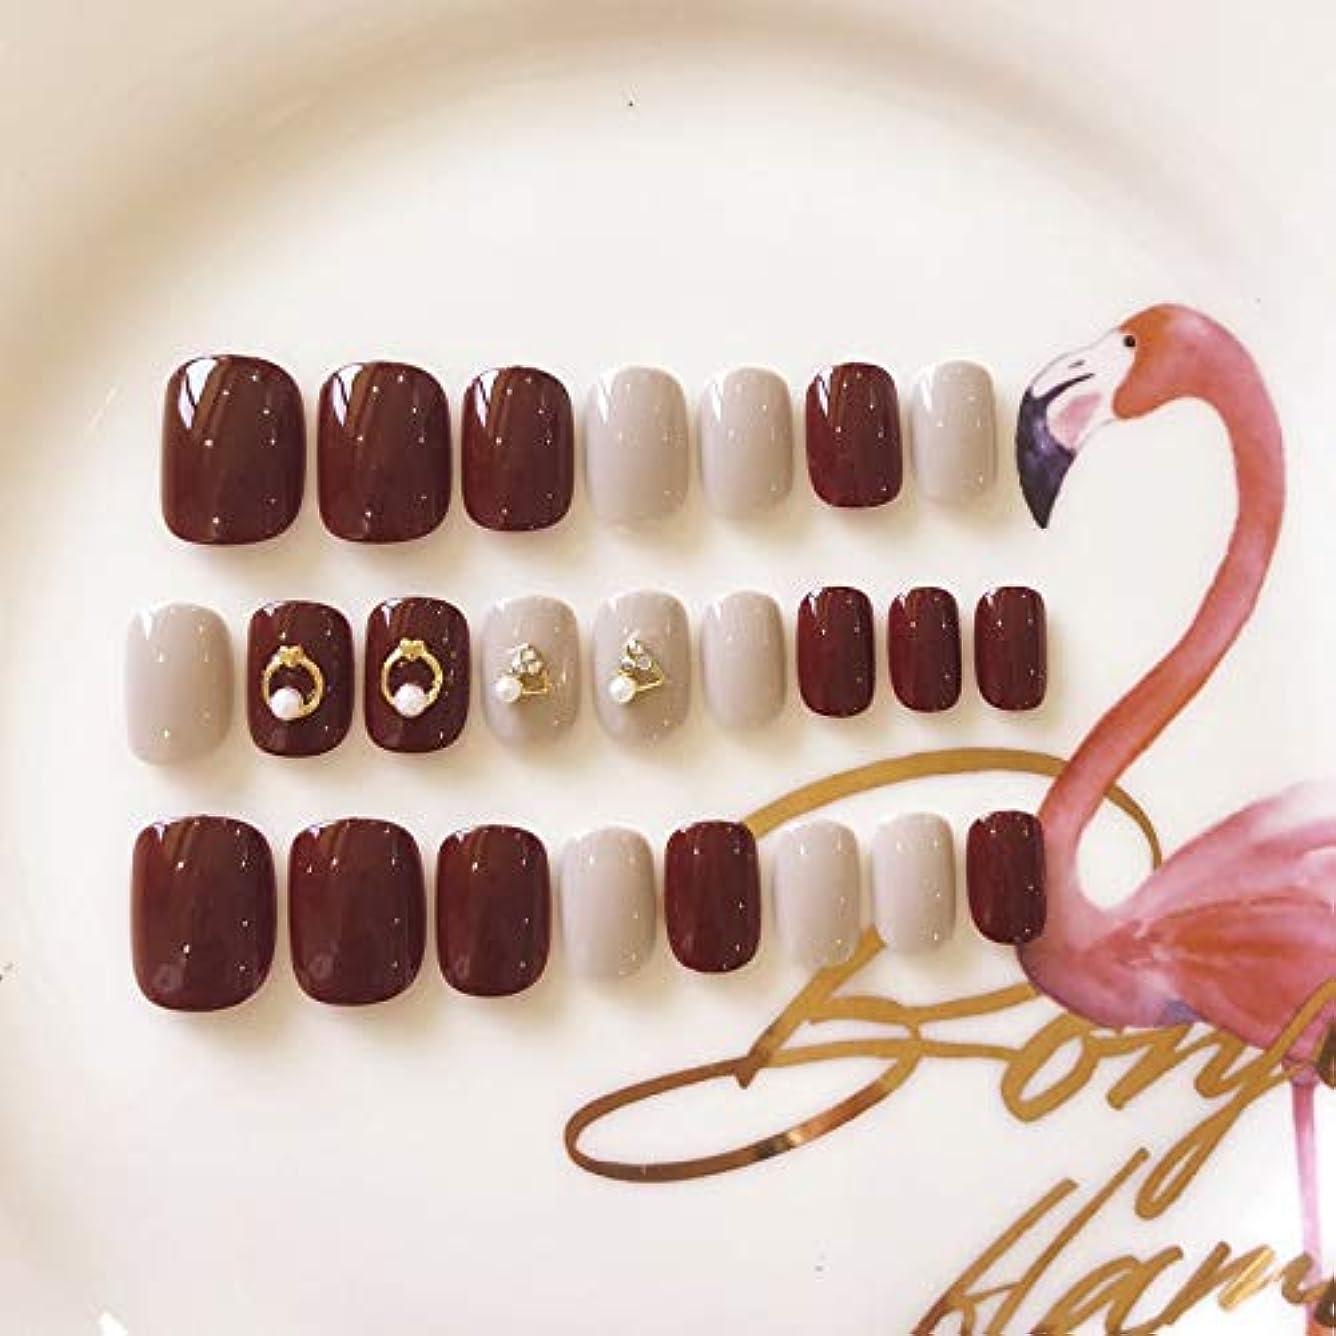 機密基準時間厳守Jonathan ハンドケア 花嫁の結婚式のネイルパッチ赤い偽爪キット24ピース偽爪接着剤フルカバーミディアムの長さ